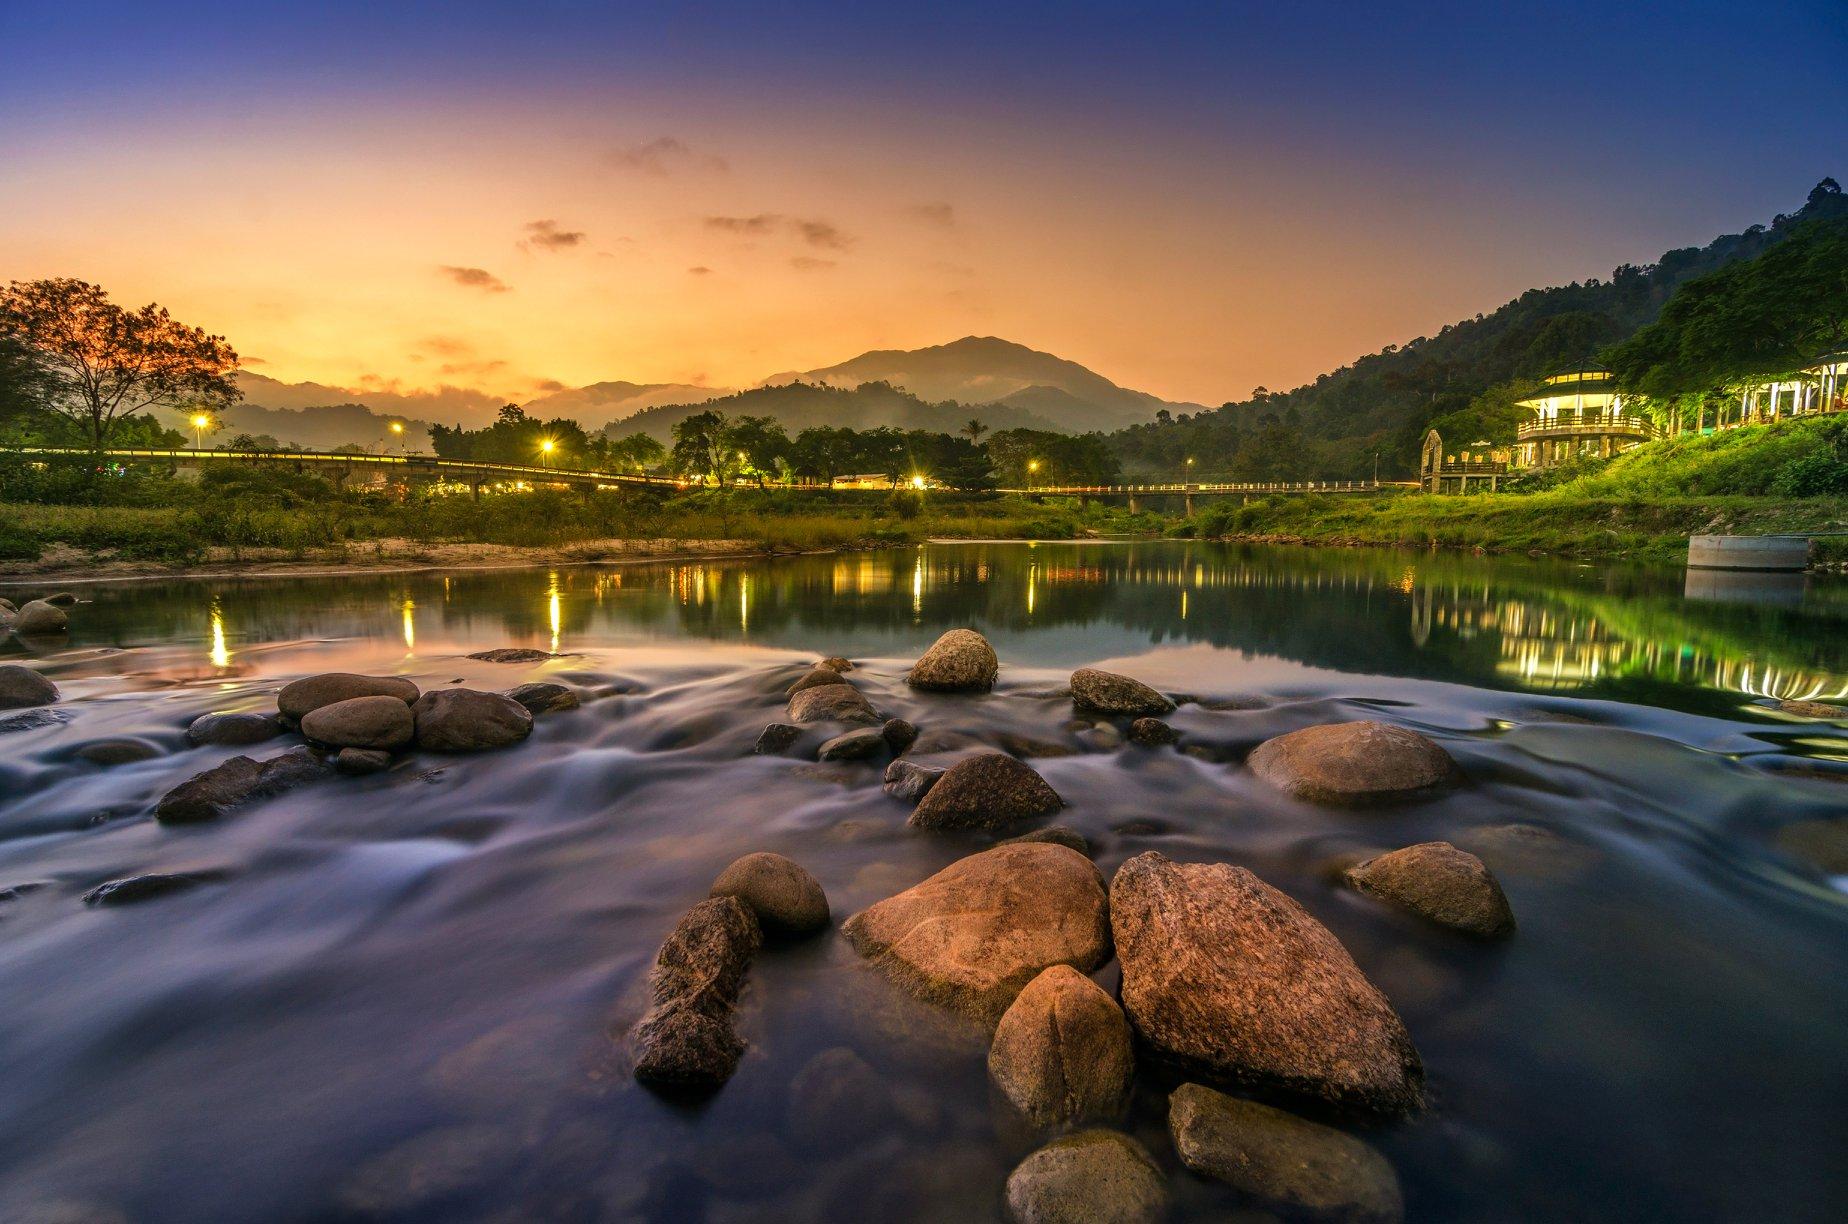 14.-สะพานคีรีวง-ลานสกา-หนานหินท่าหา-นครศรีธรรมราช นครศรี,พัทลุง,ที่เที่ยว,ทะเลหมอก,ทะเล,ธรรมชาติ,น้ำตก